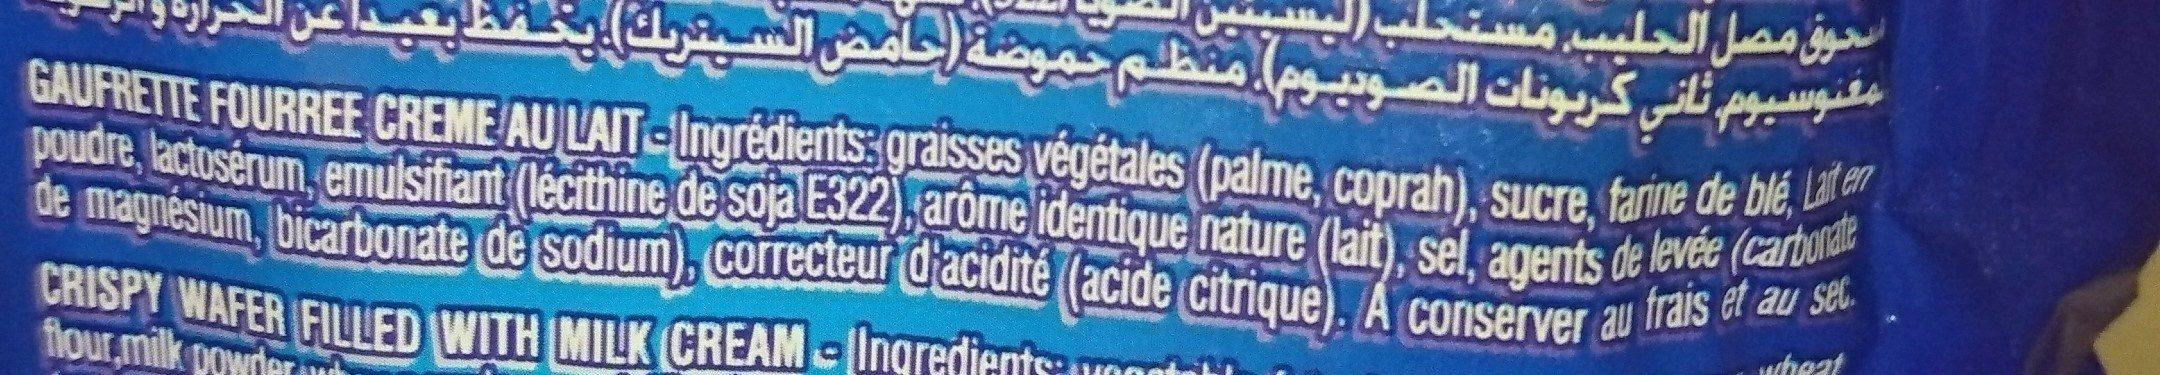 Croustina au Lait - المكونات - fr